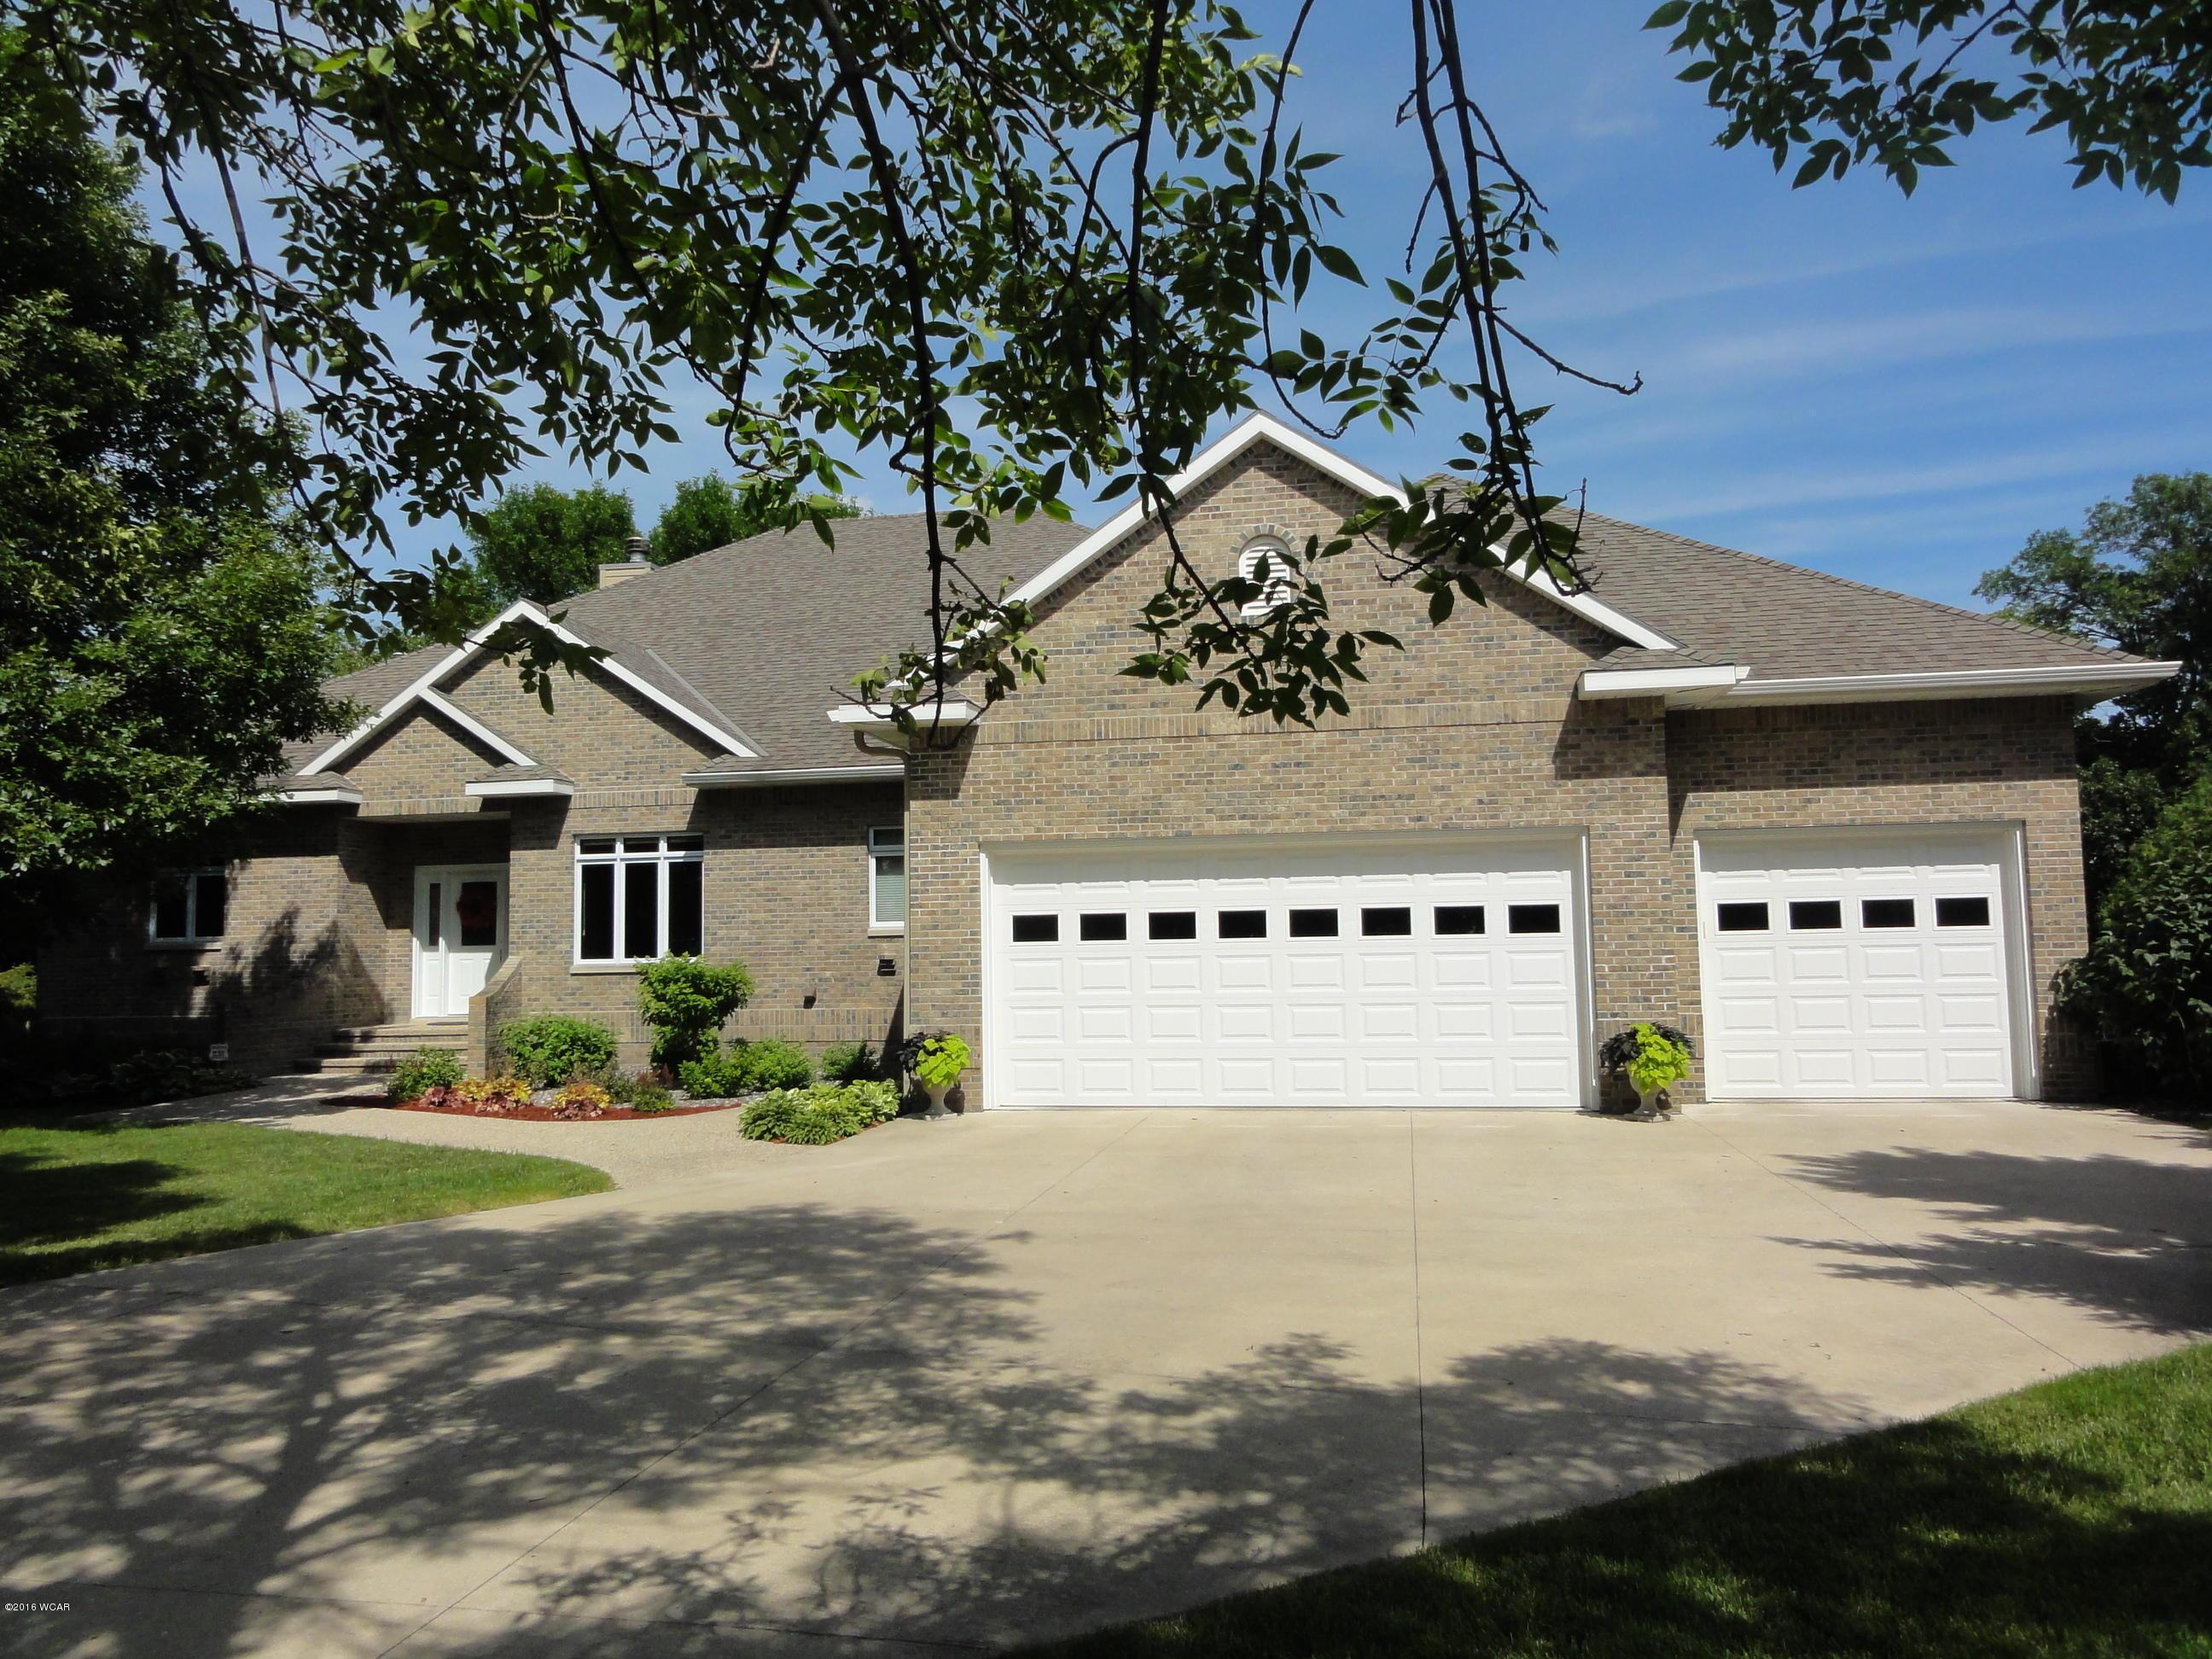 3001 Eagle Ridge Drive,Willmar,6 Bedrooms Bedrooms,5 BathroomsBathrooms,Single Family,Eagle Ridge Drive,6024939